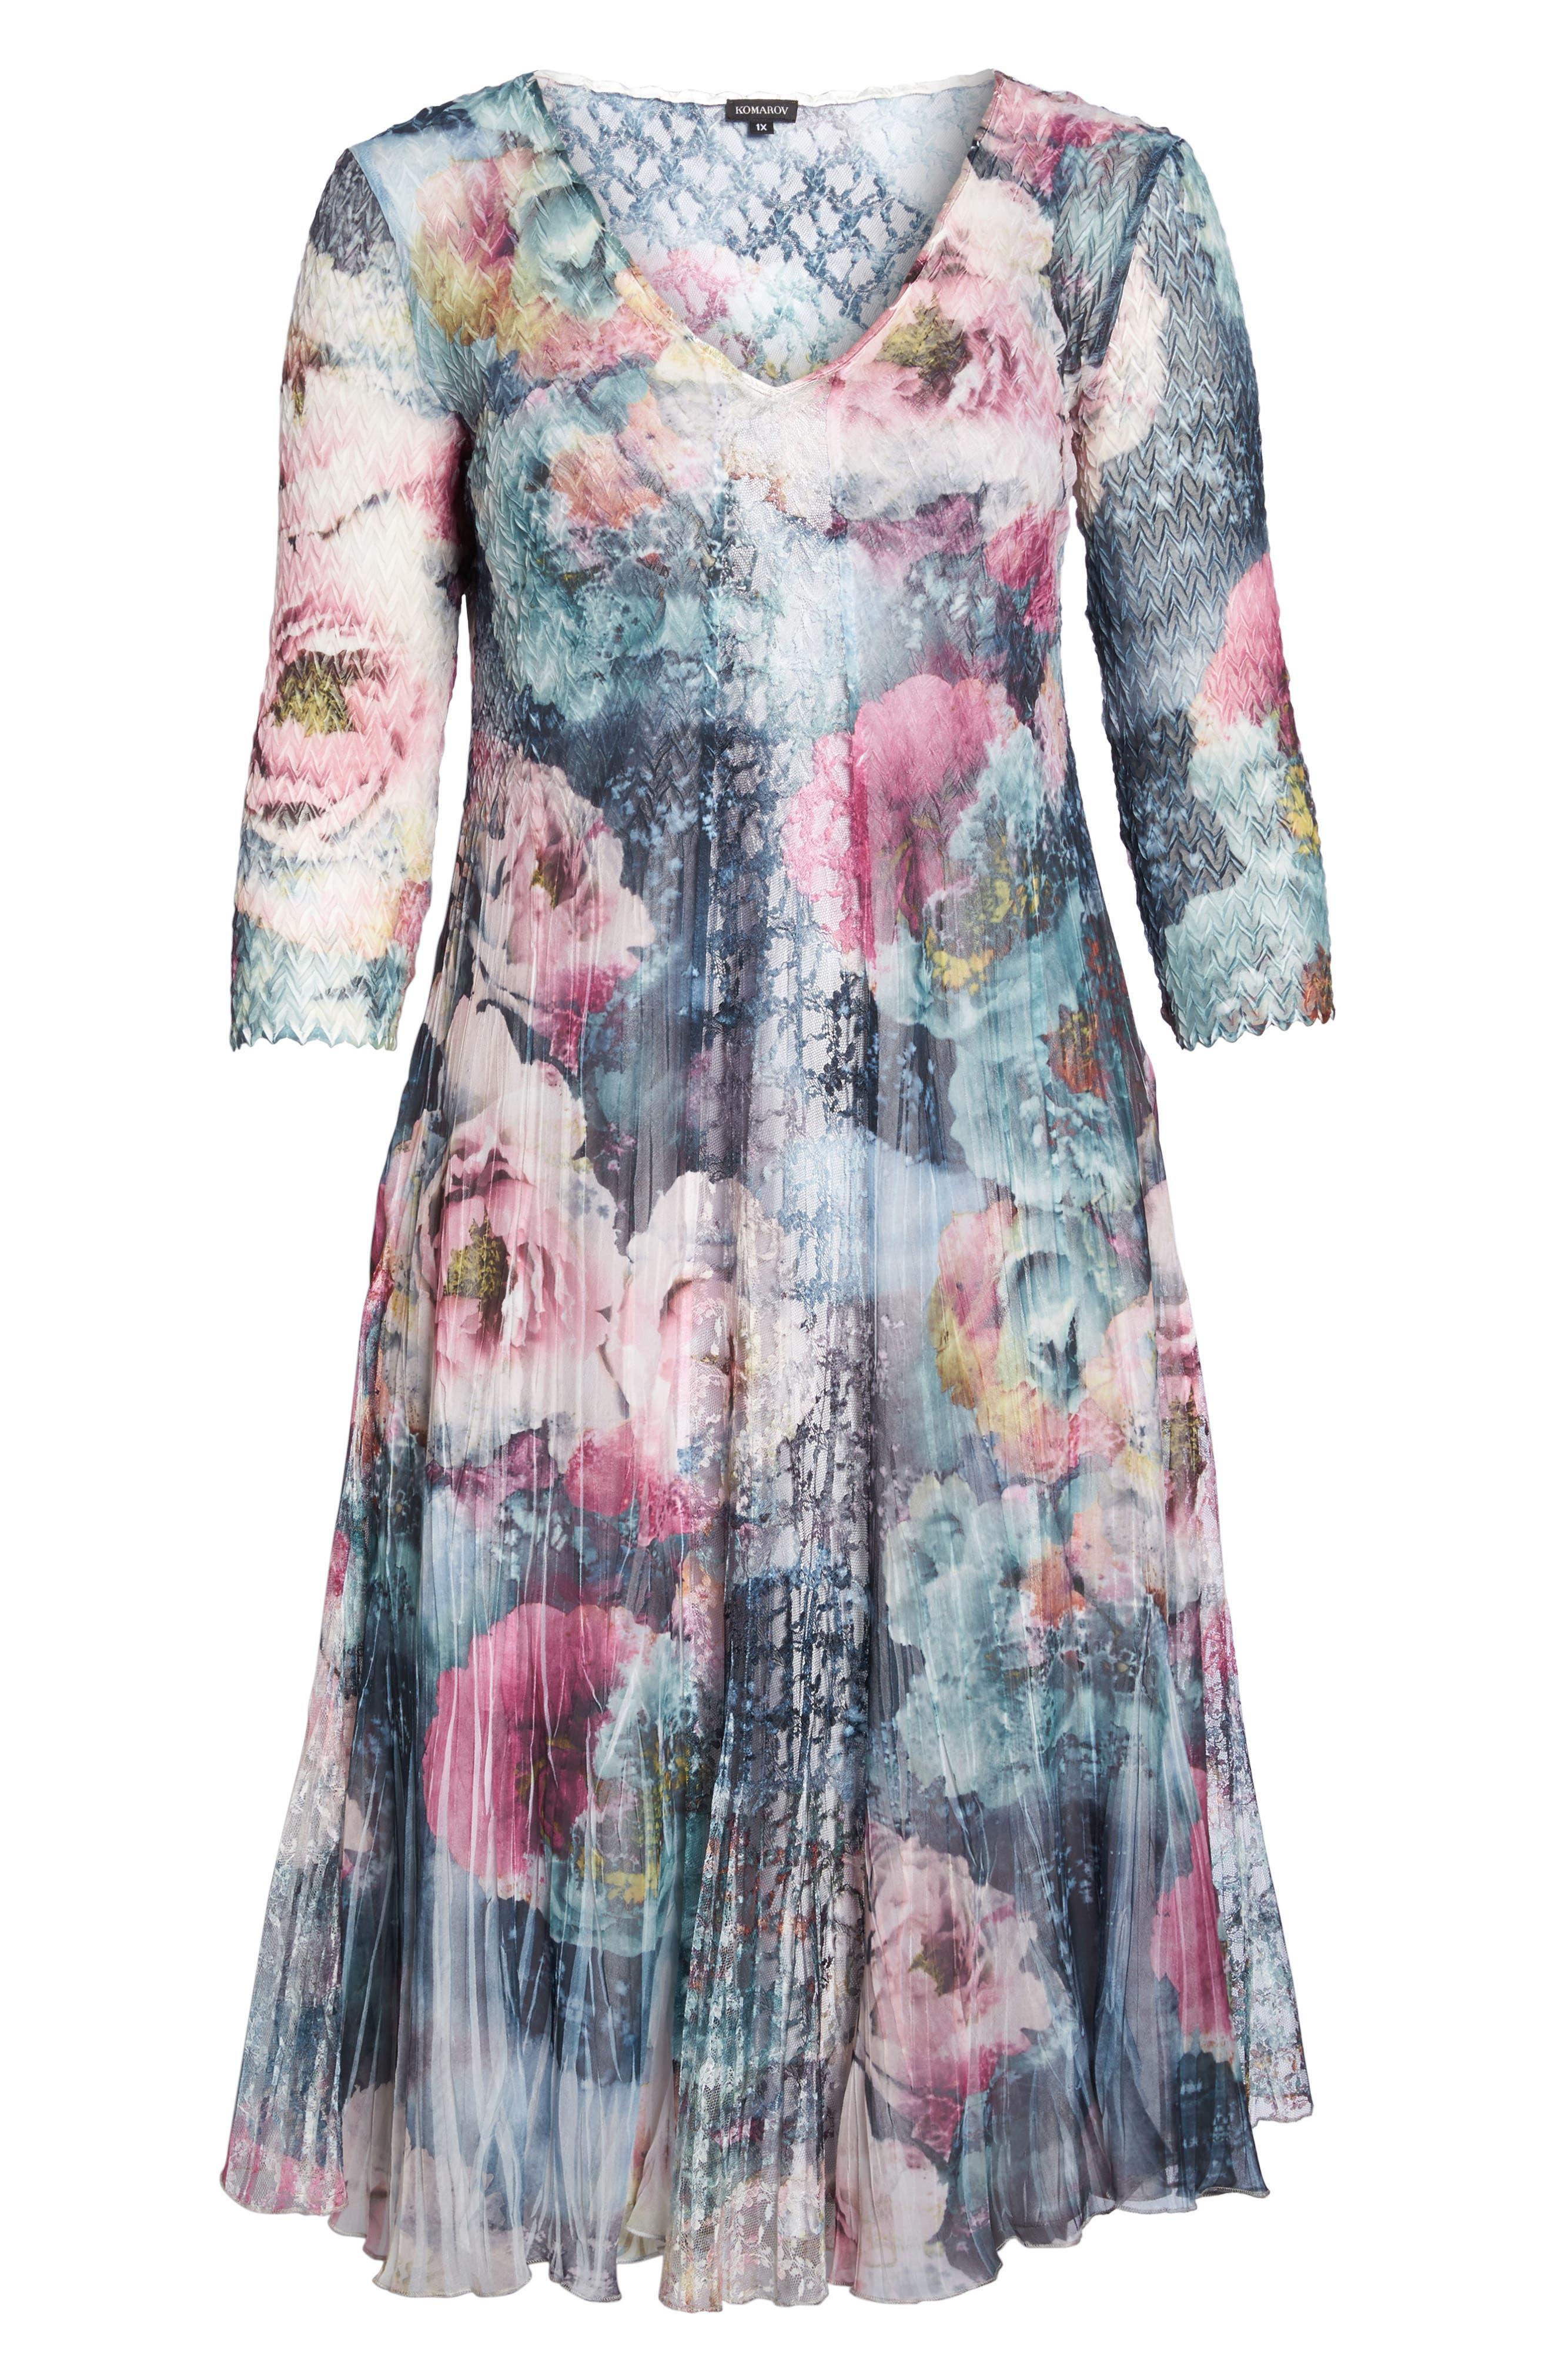 Dress Floral Chiffon & Lace Dress,                             Alternate thumbnail 6, color,                             Rapture Rose